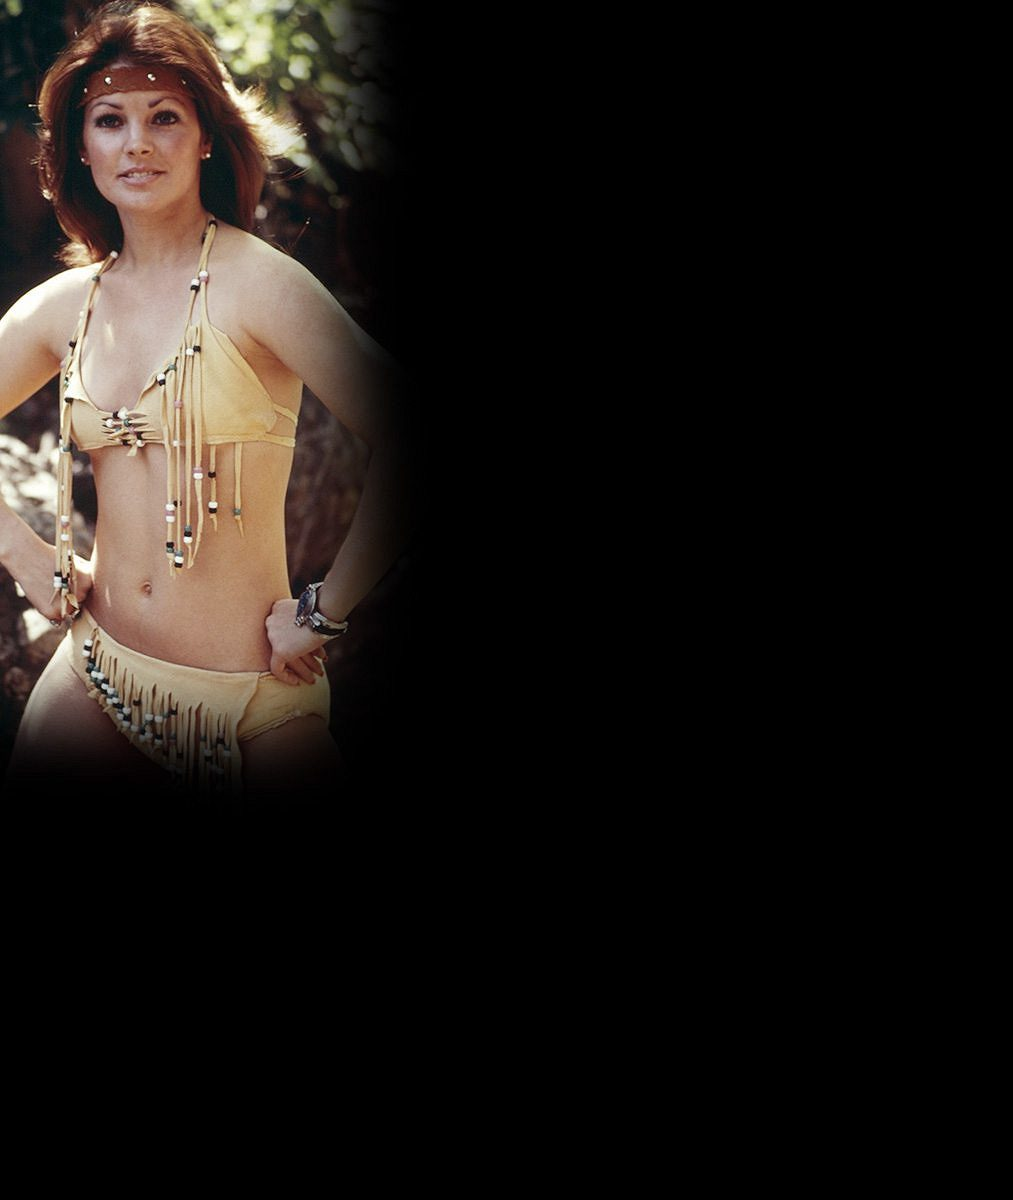 Na tohle famózní bříško kdysi uhnala Elvise? Vyhlazená Priscilla Presley slaví 71!